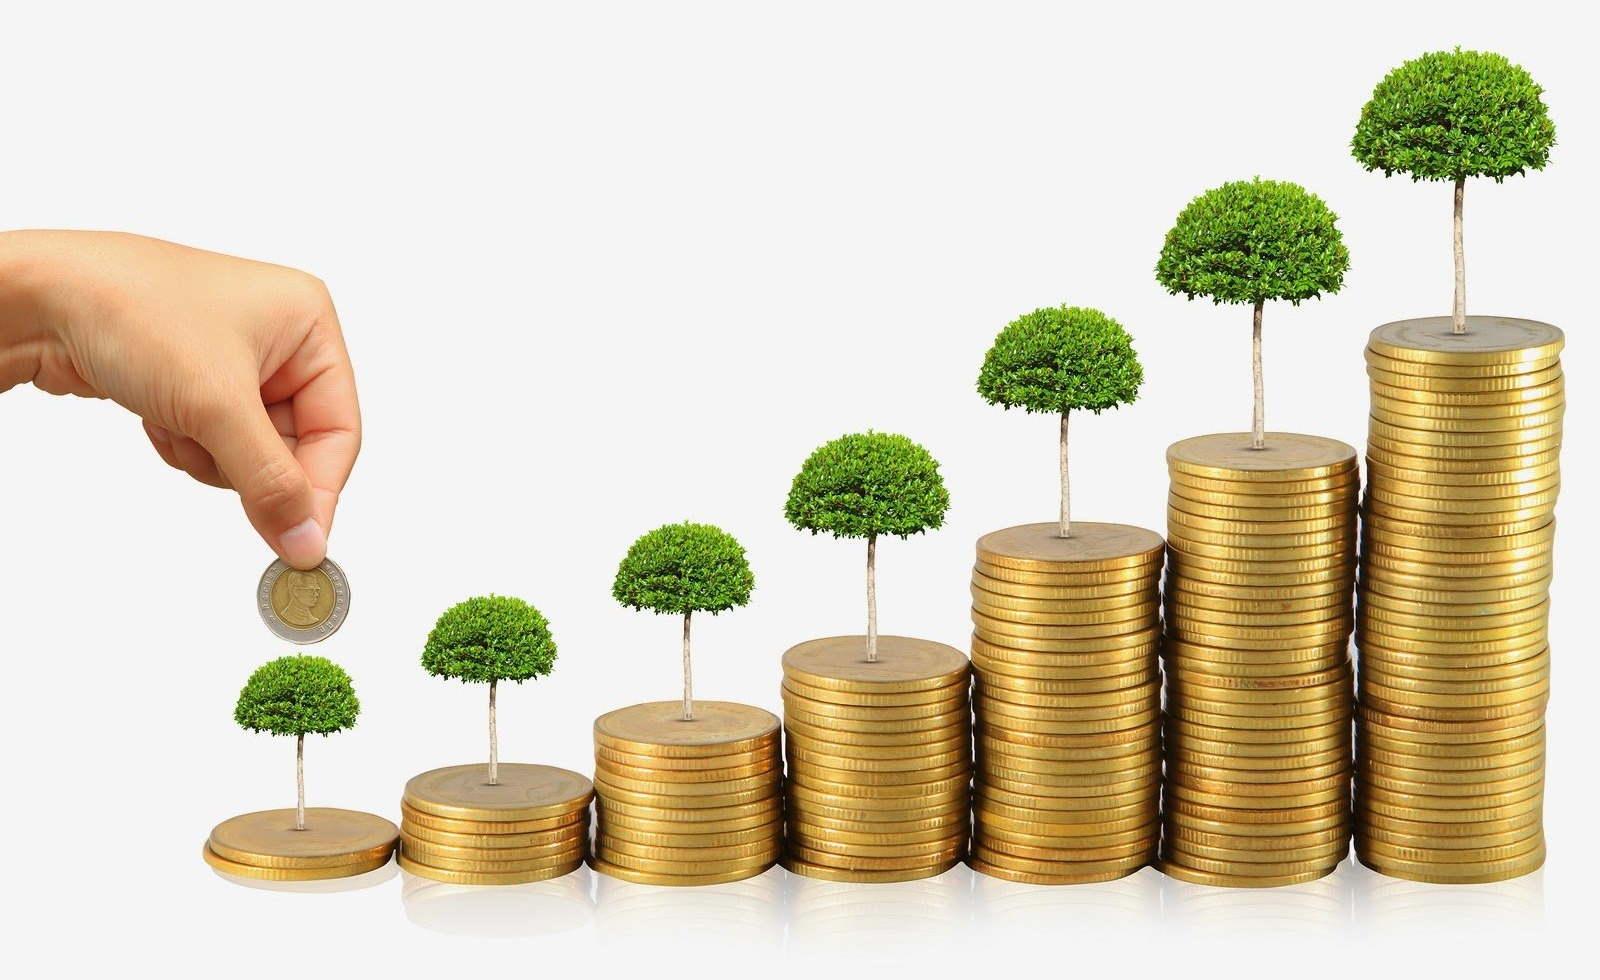 افزایش سرمایه در بورس | به زبان ساده (+ فیلم آموزش رایگان)